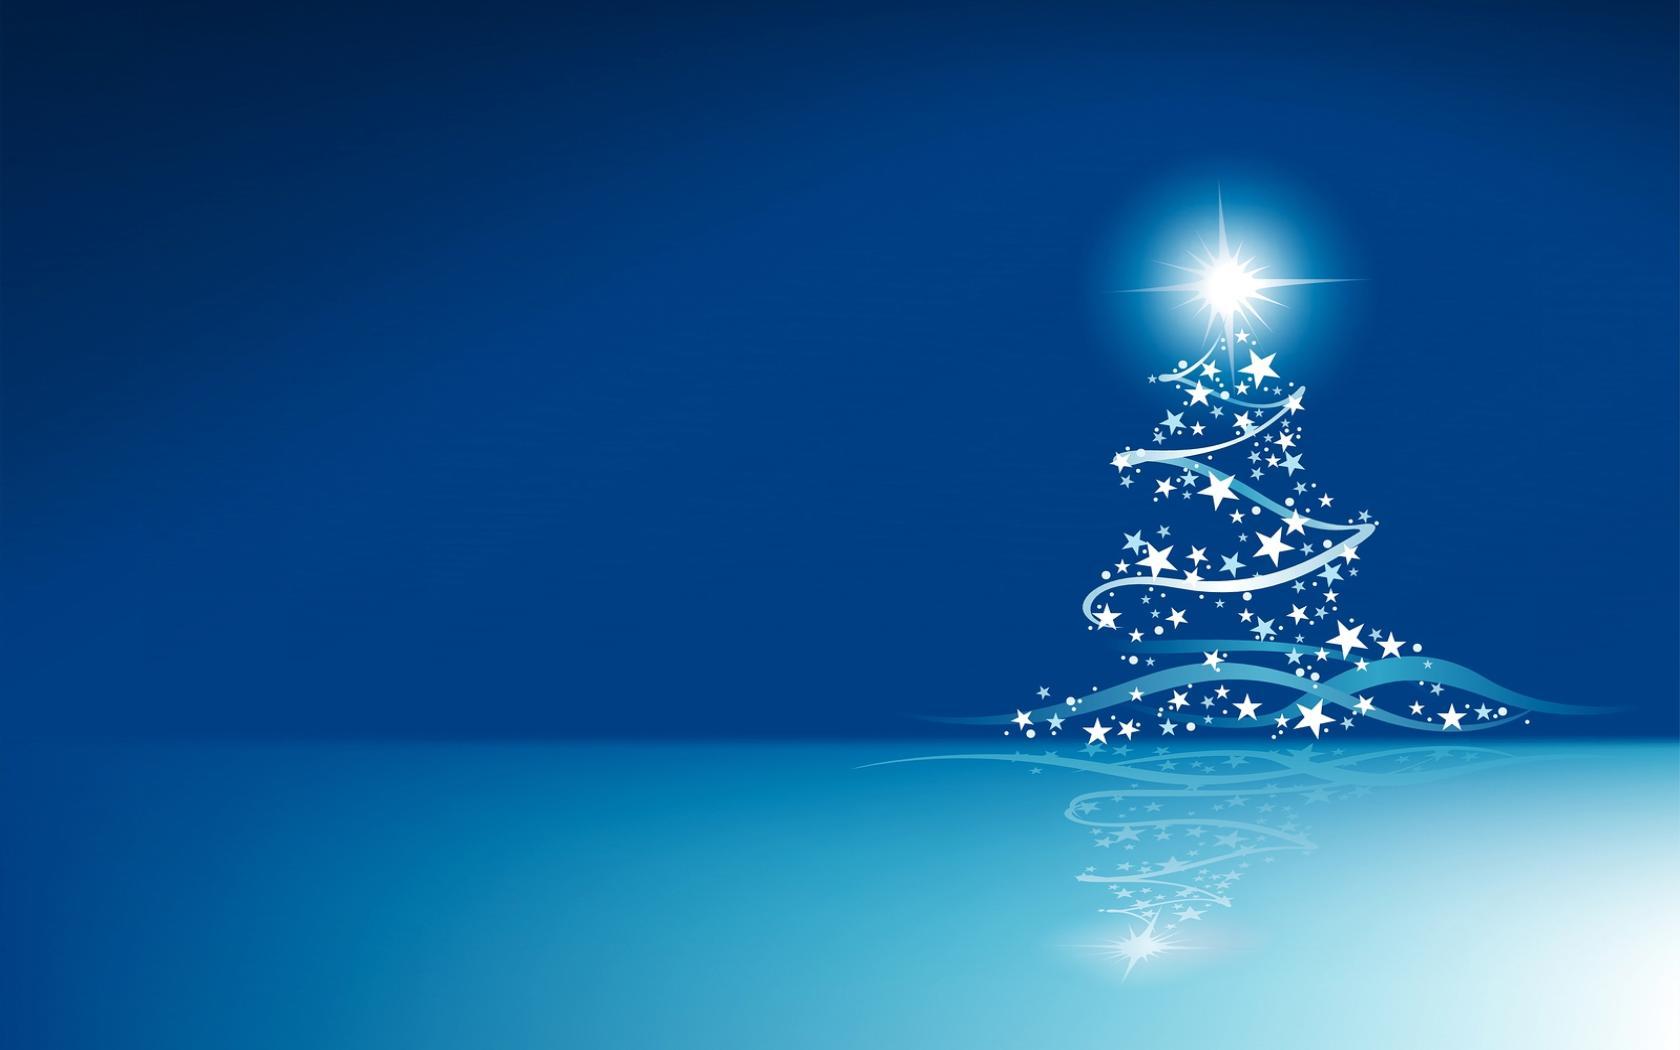 download blue christmas background 3537 hdwpincom - Blue Christmas Background